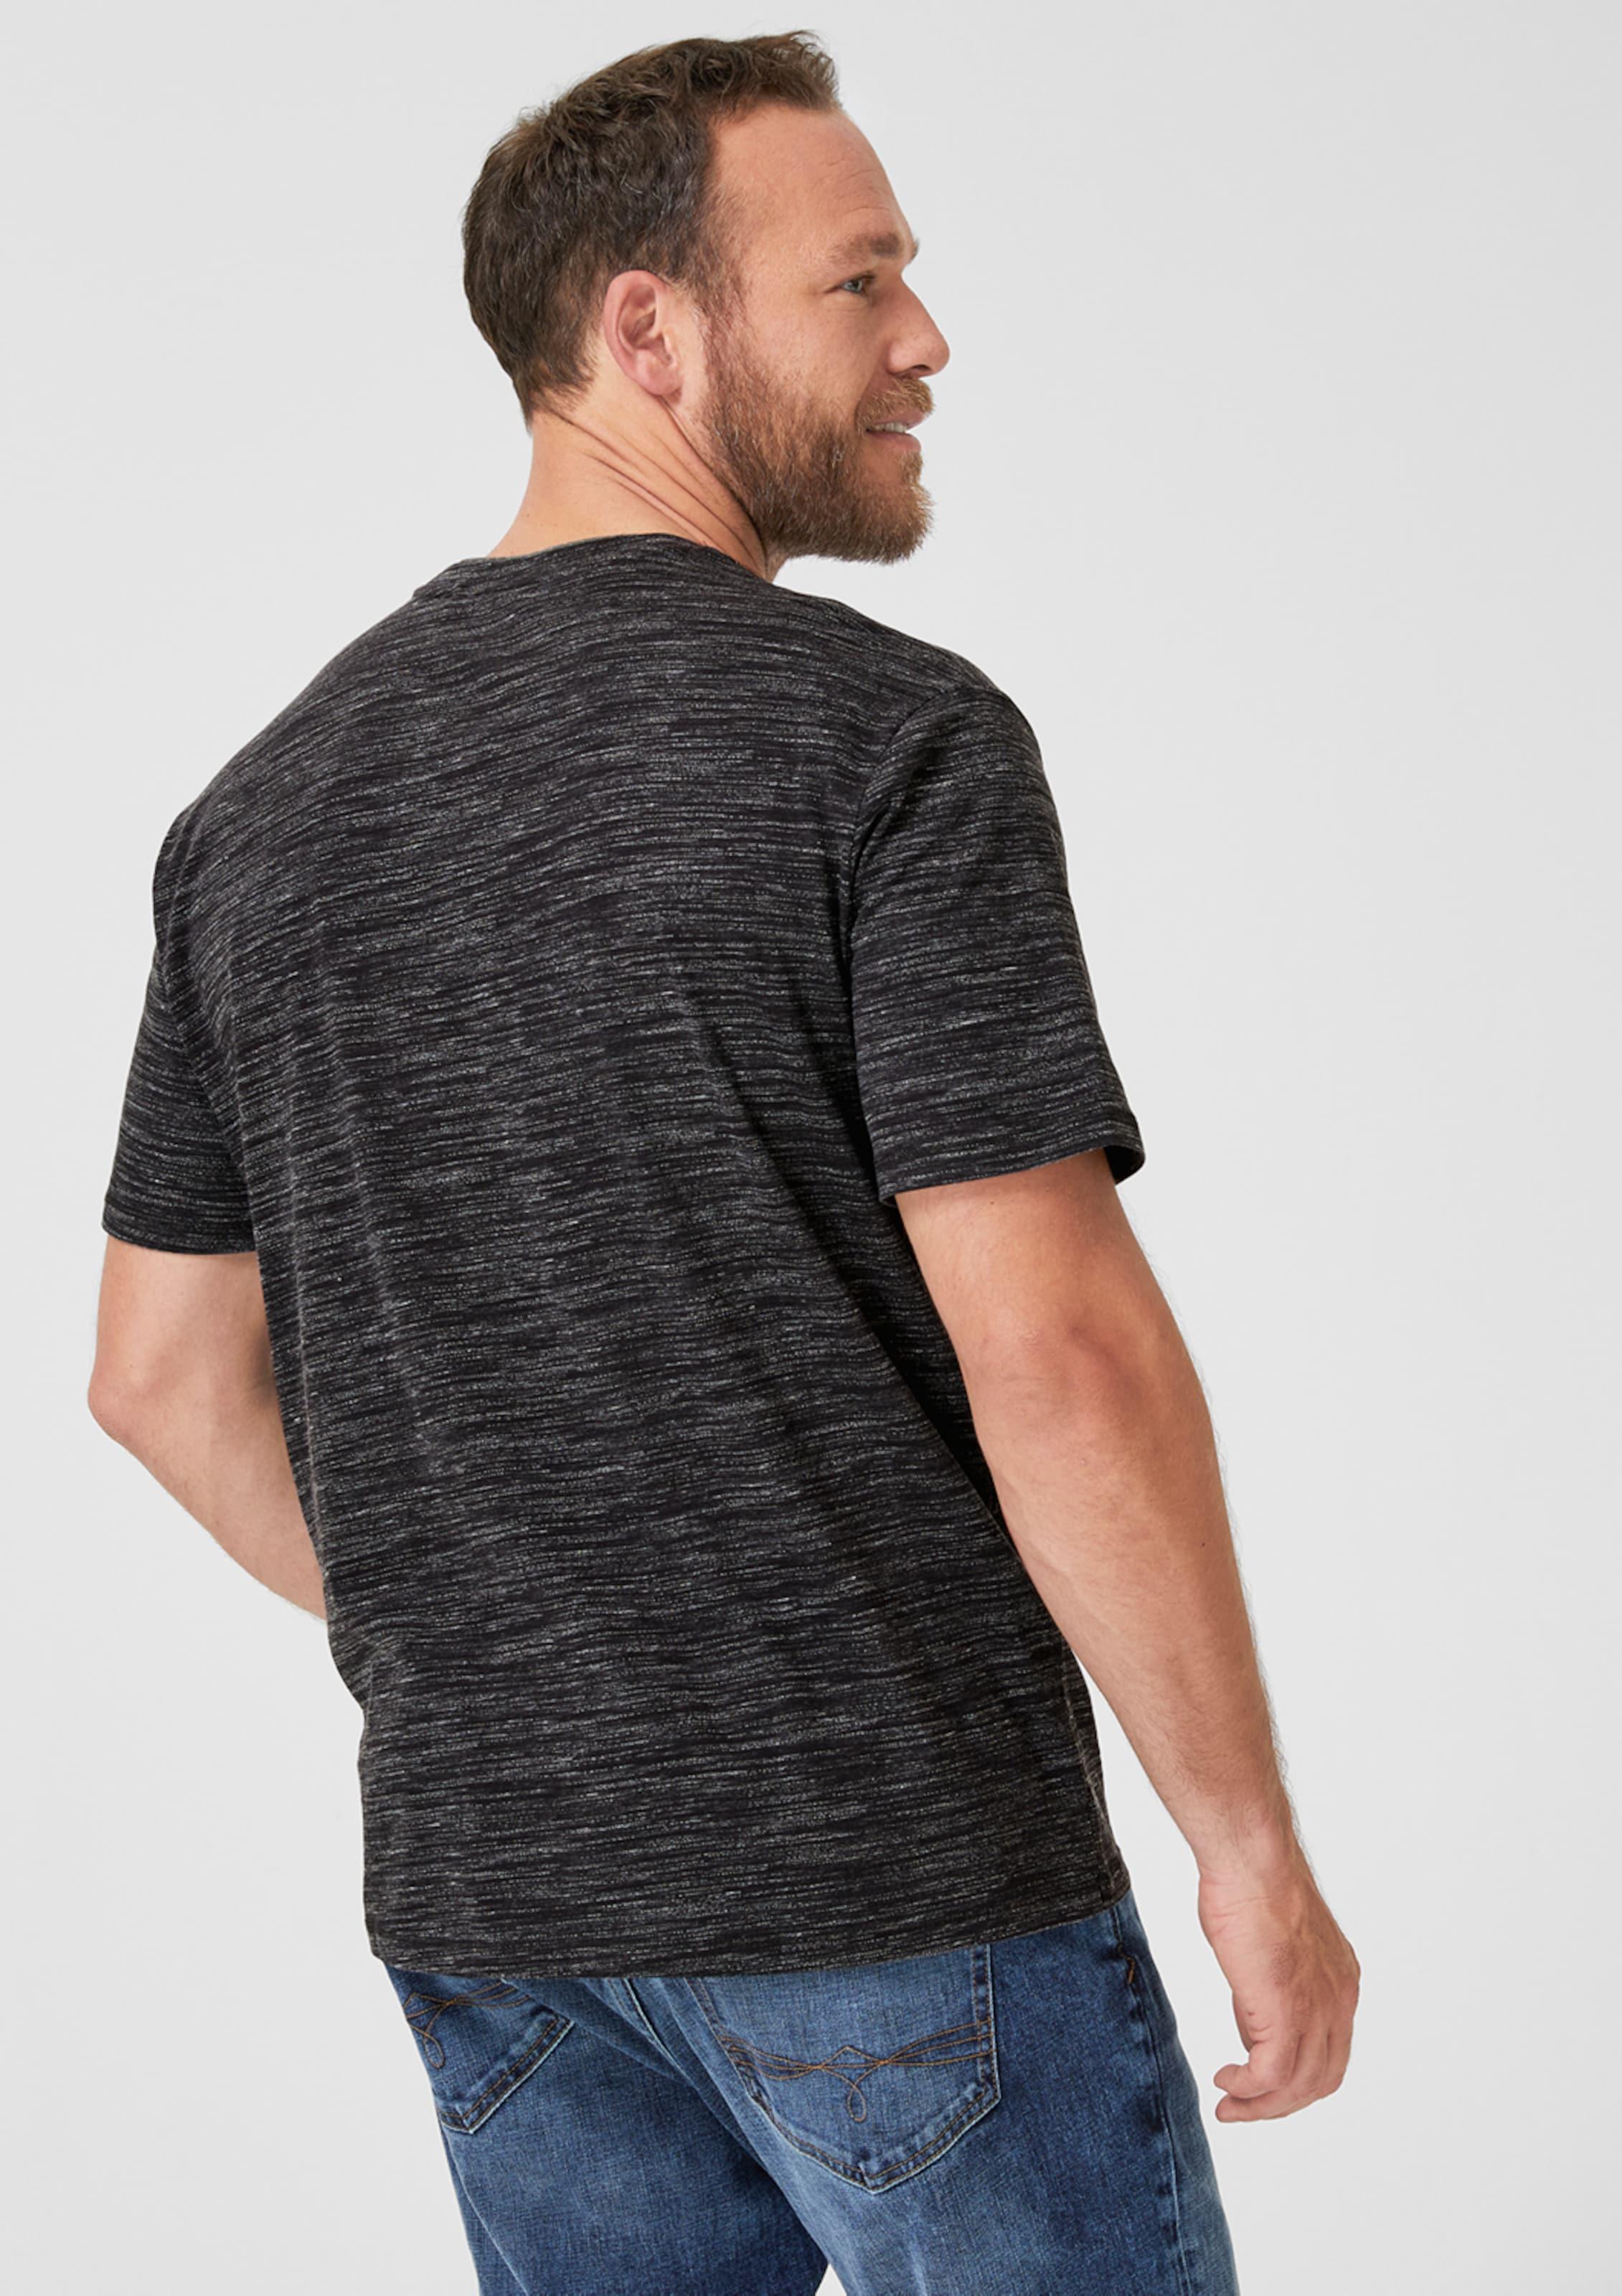 S S In Shirt In Schwarz oliver oliver Shirt Schwarz BCoeWrdx